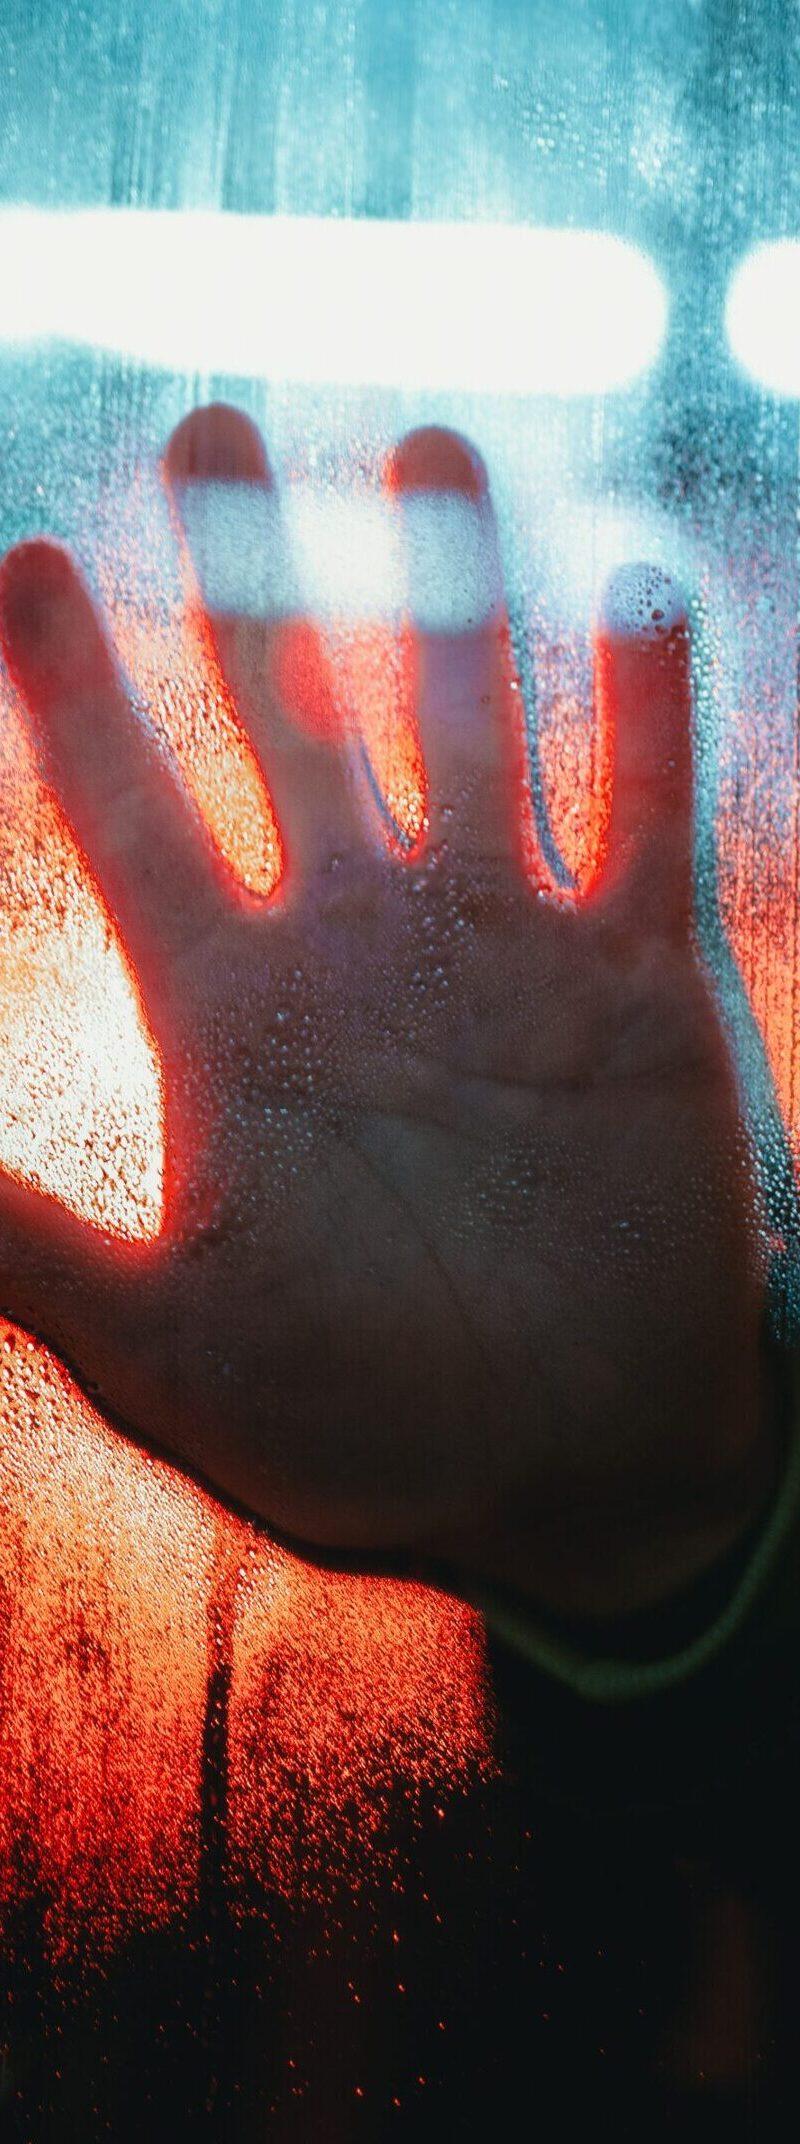 La pandemia: indicios convergentes